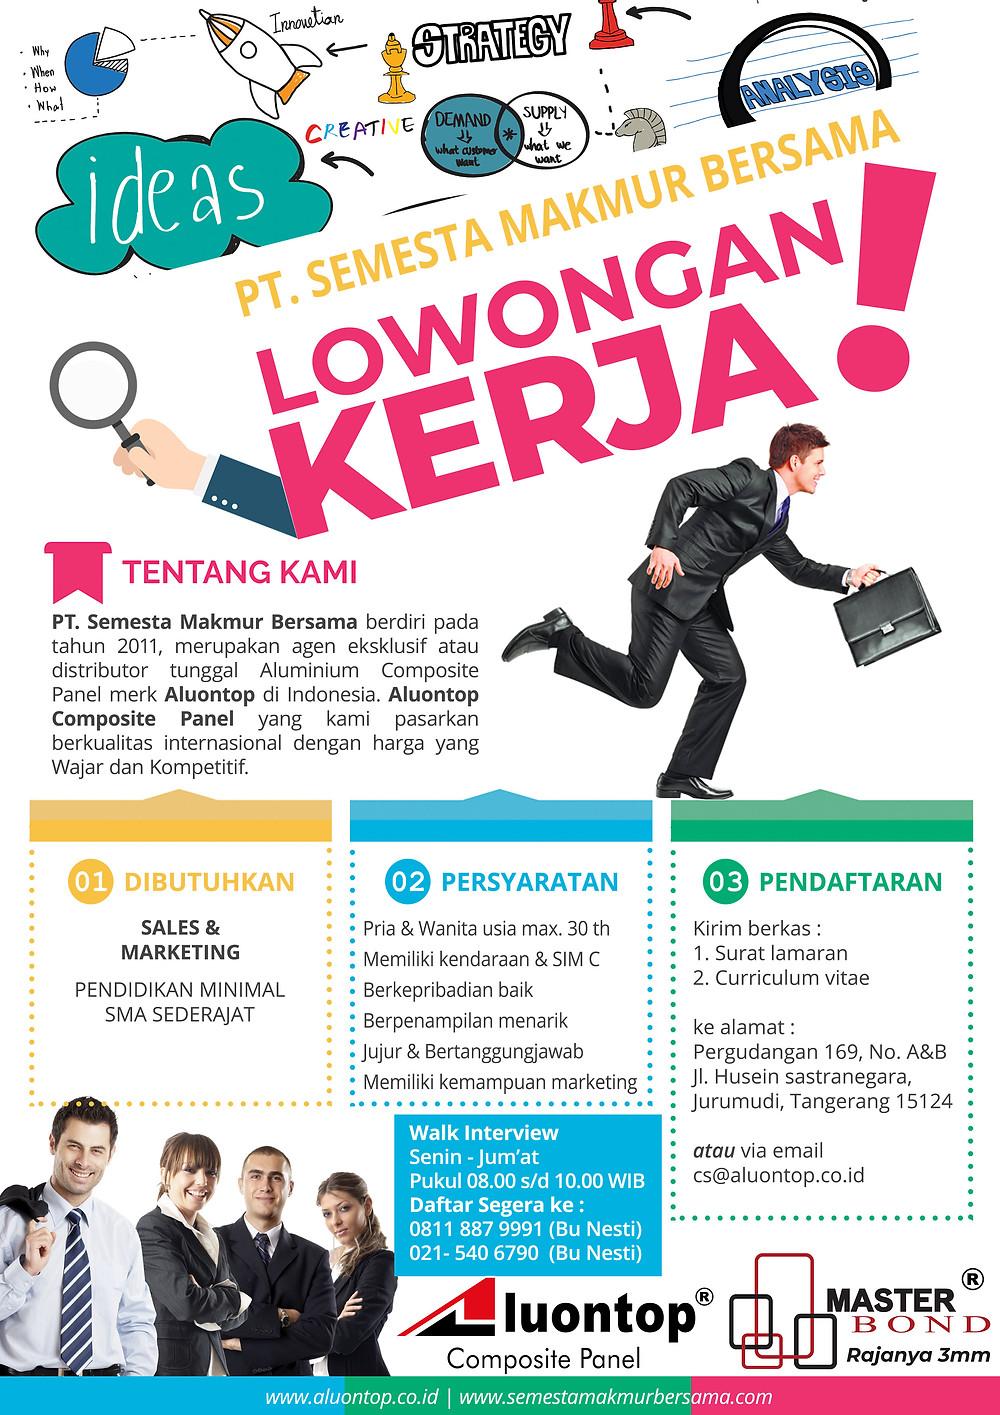 PT. Semesta Makmur Bersama Membuka Lowongan Kerja Sales & Marketing